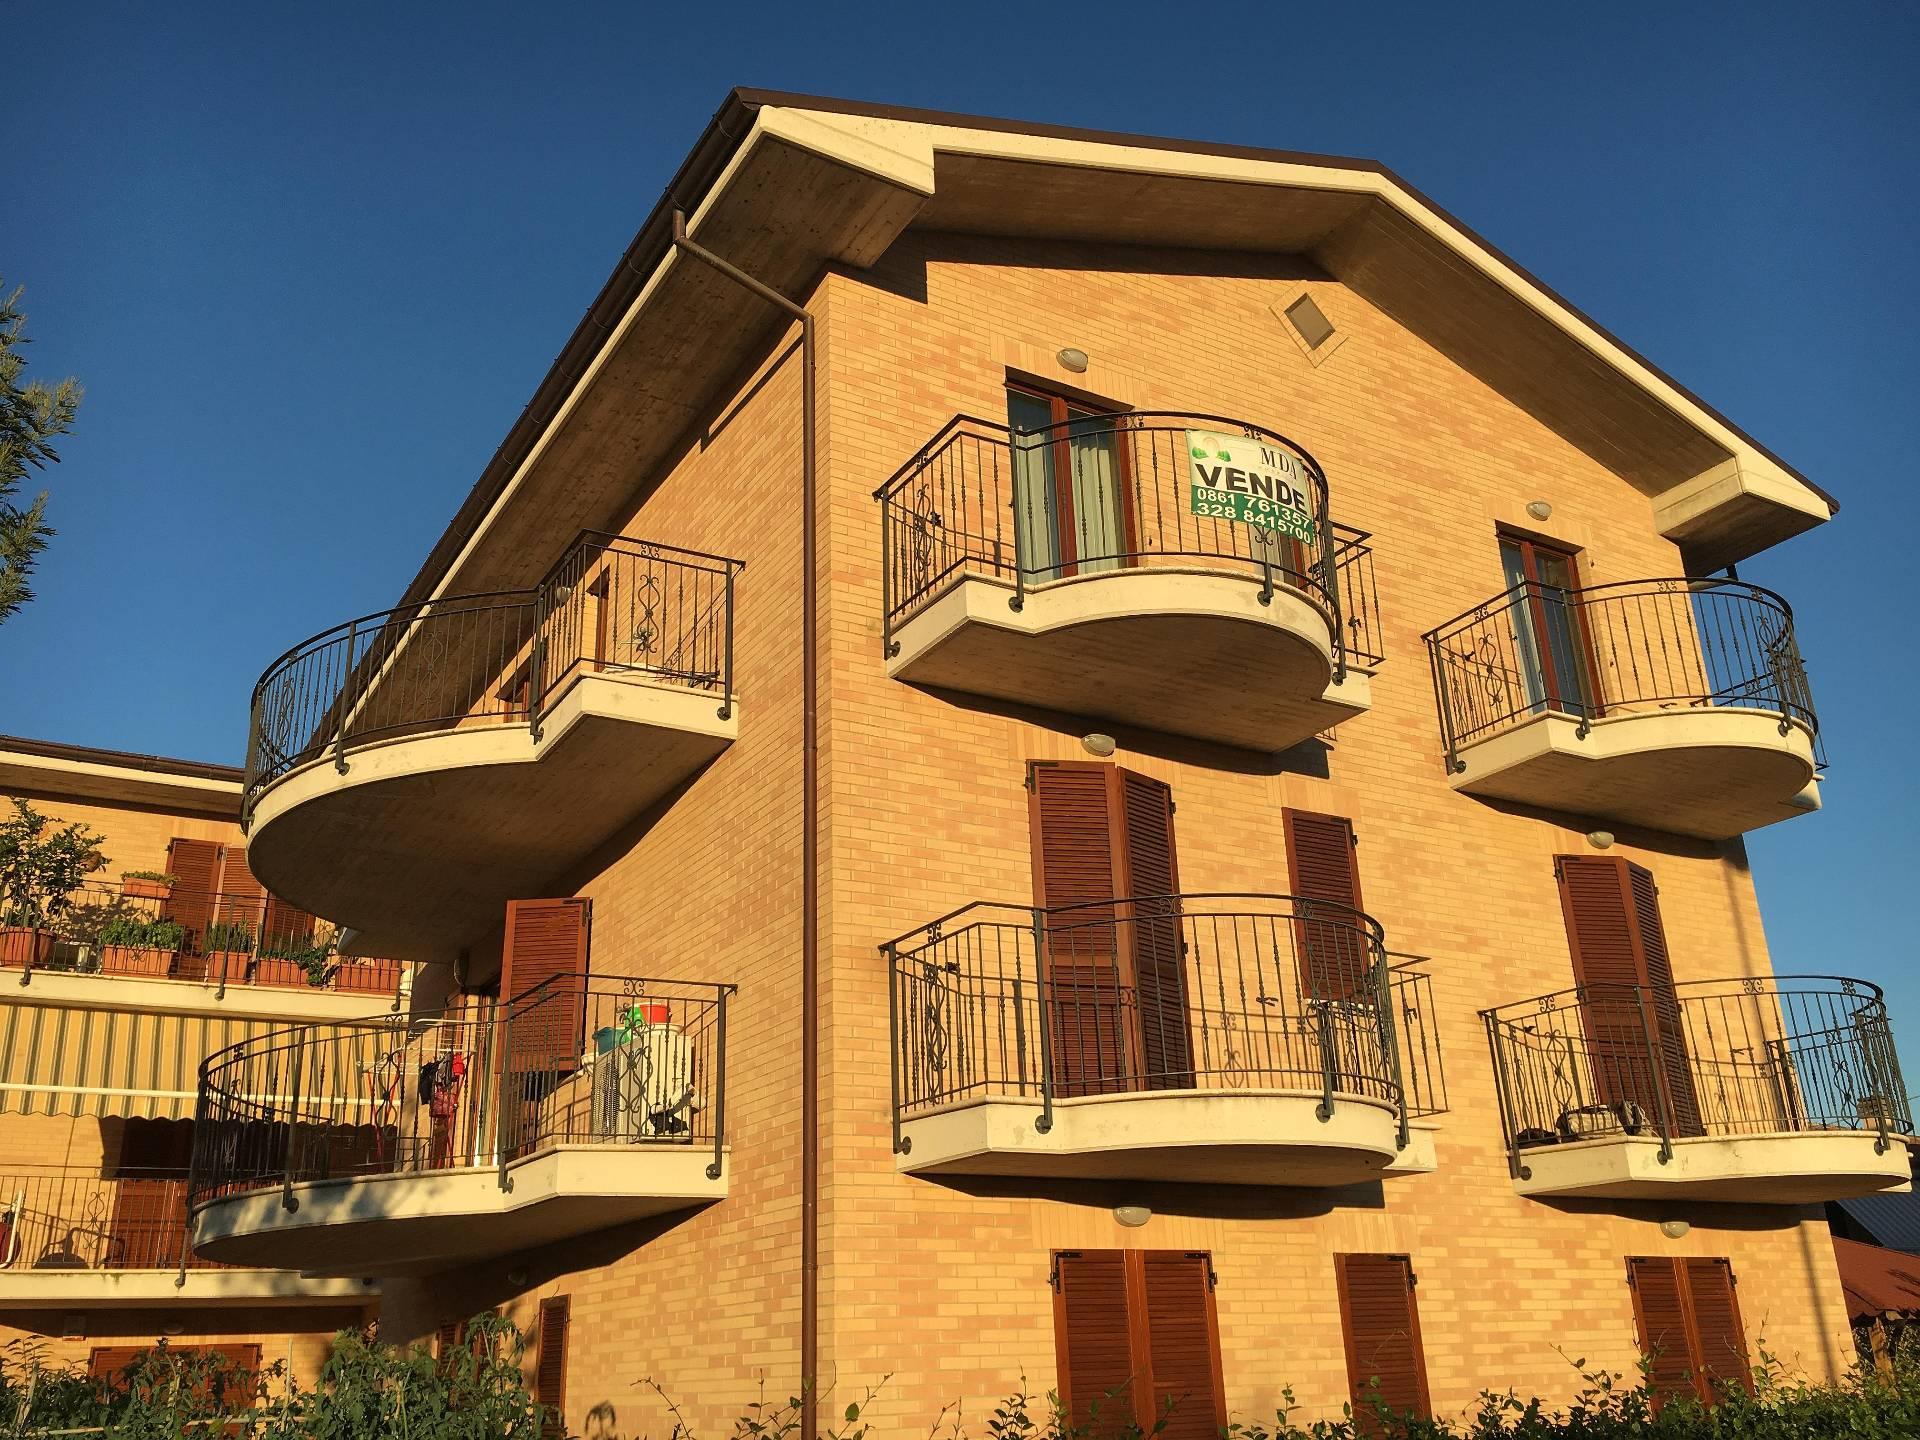 Appartamento in vendita a Spinetoli, 4 locali, zona Località: PagliaredelTronto, prezzo € 119.000 | Cambio Casa.it